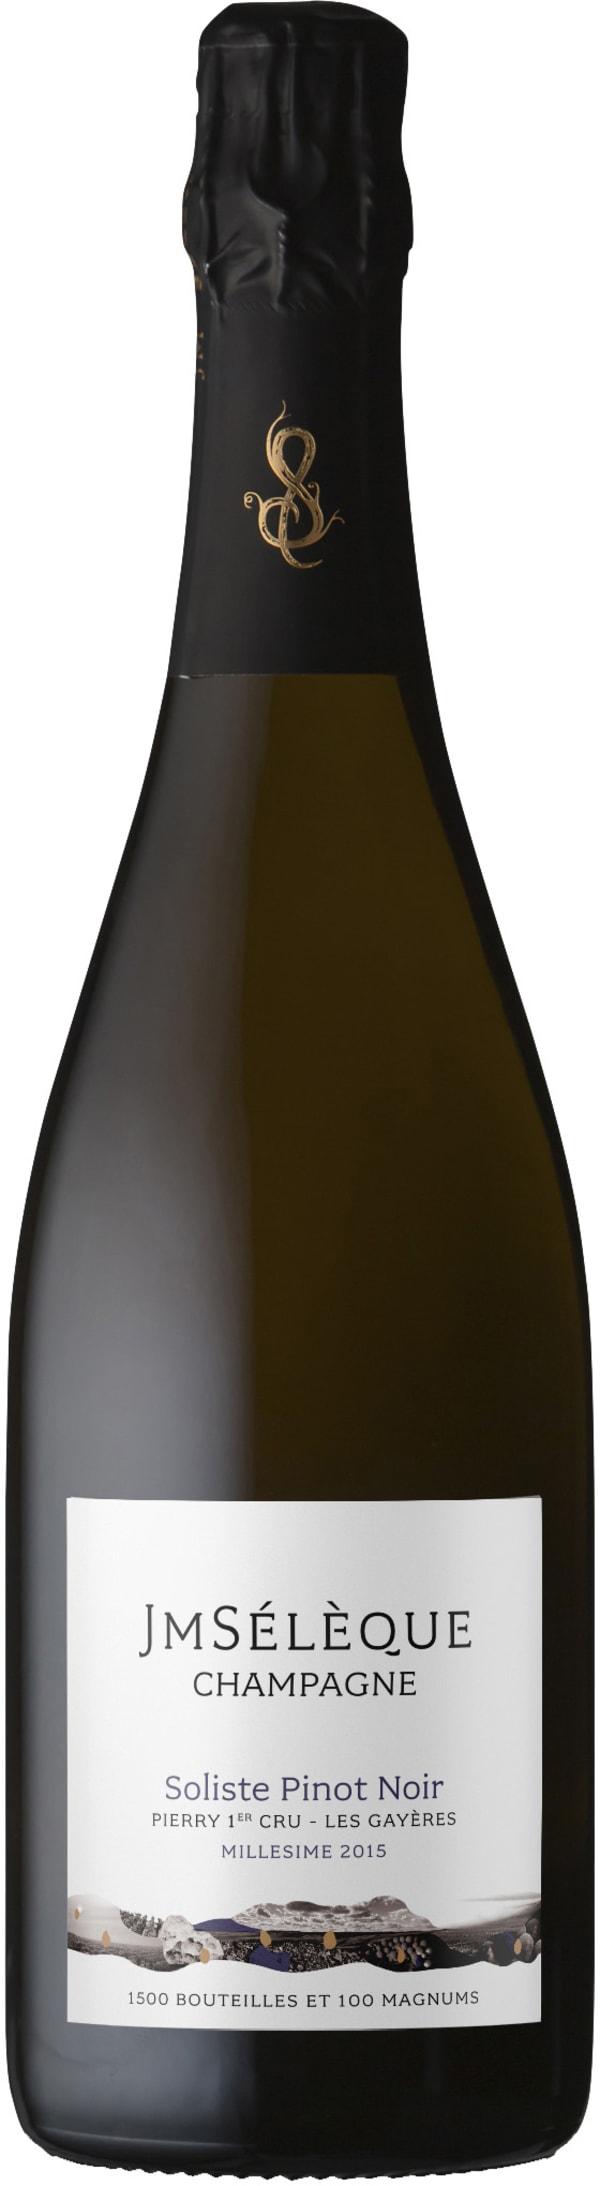 J-M Sélèque Soliste Pinot Noir Champagne Extra Brut 2015